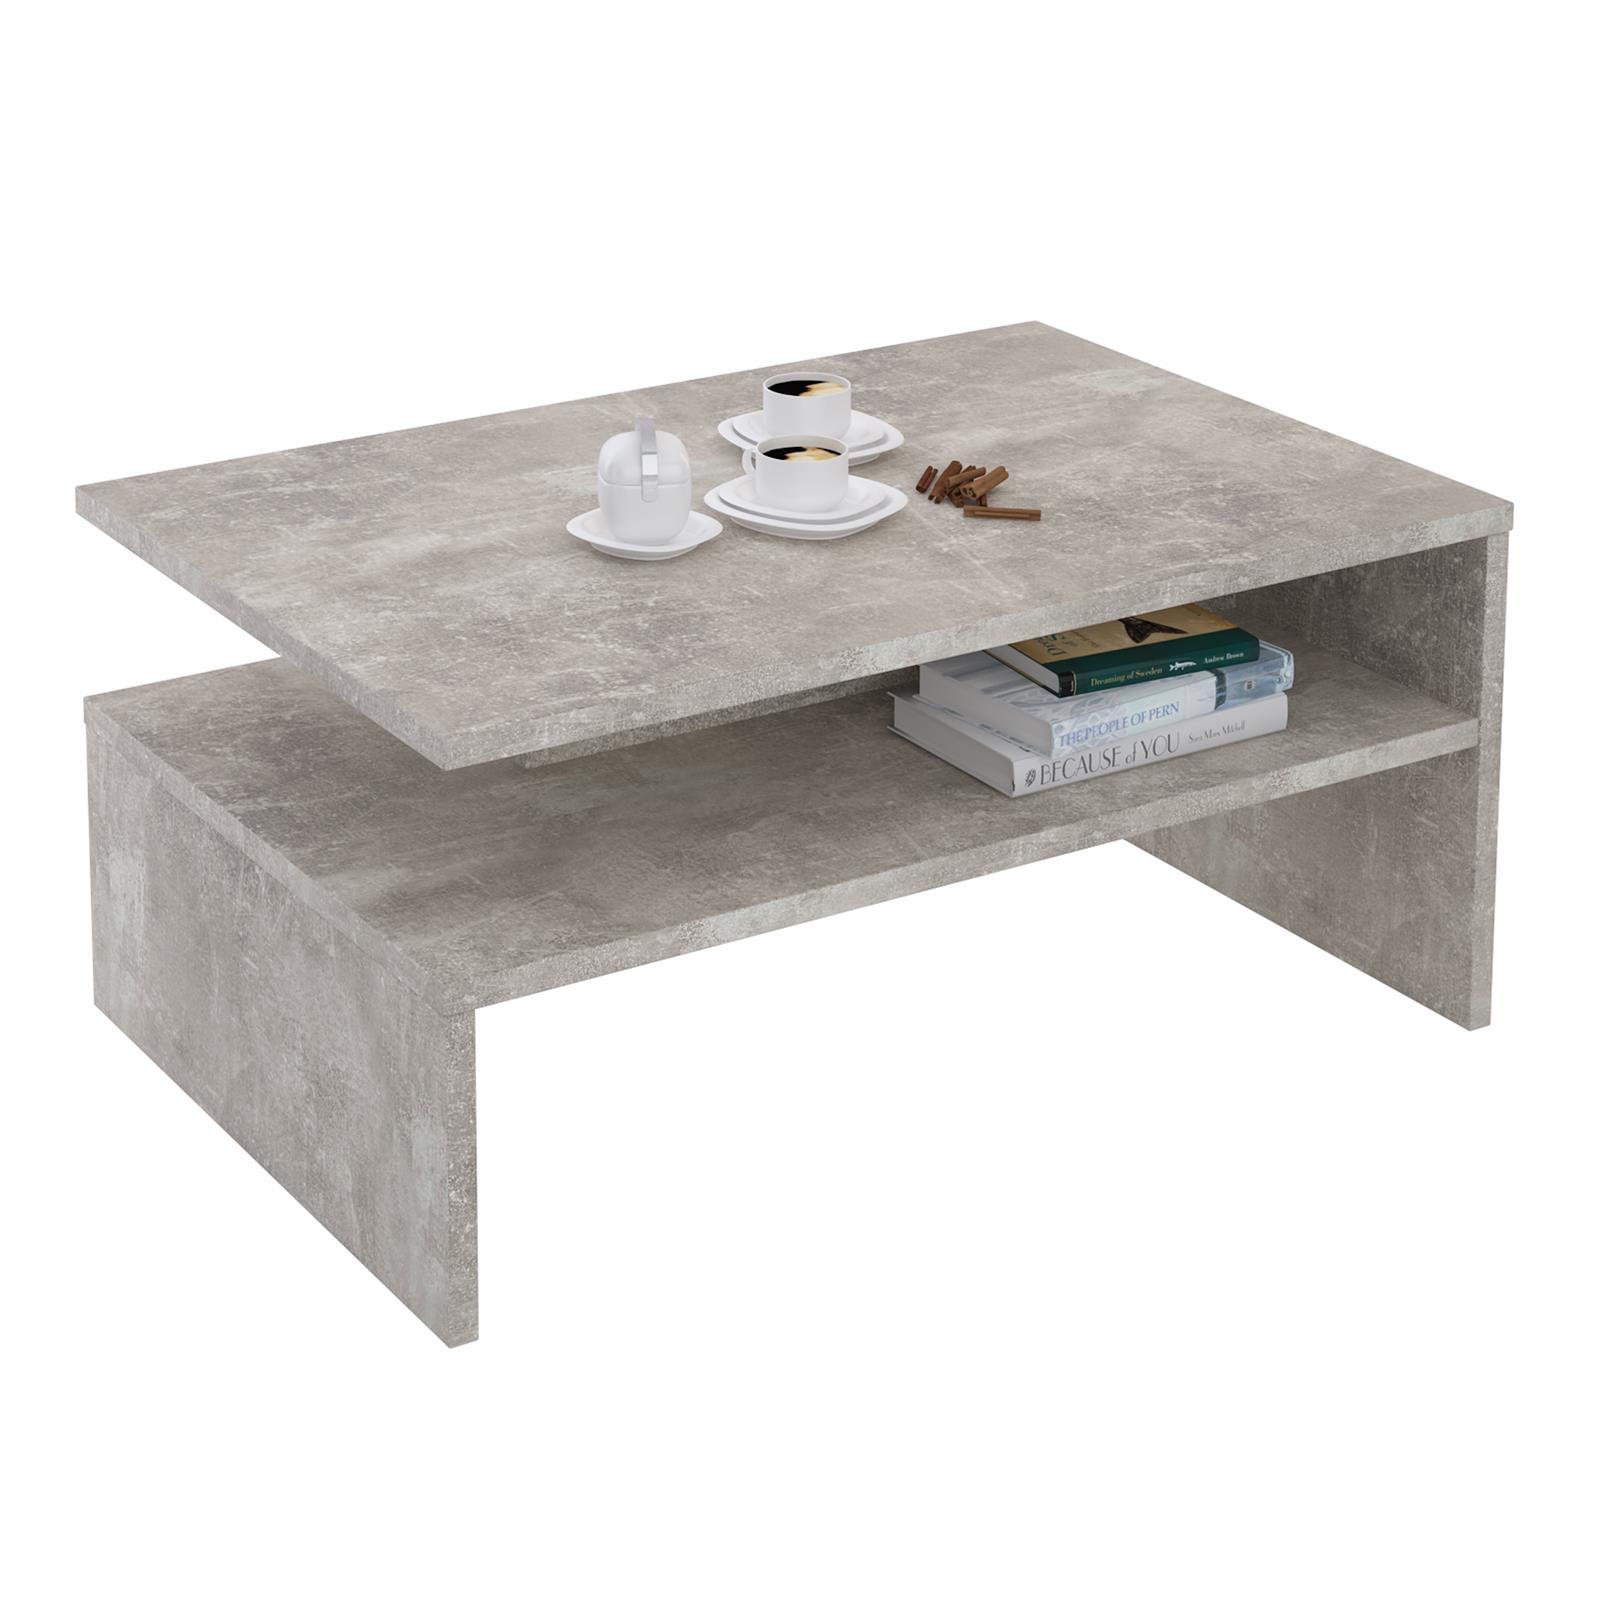 Couchtisch paulina in betonoptik mit ablagefach caro m bel for Couchtisch in betonoptik